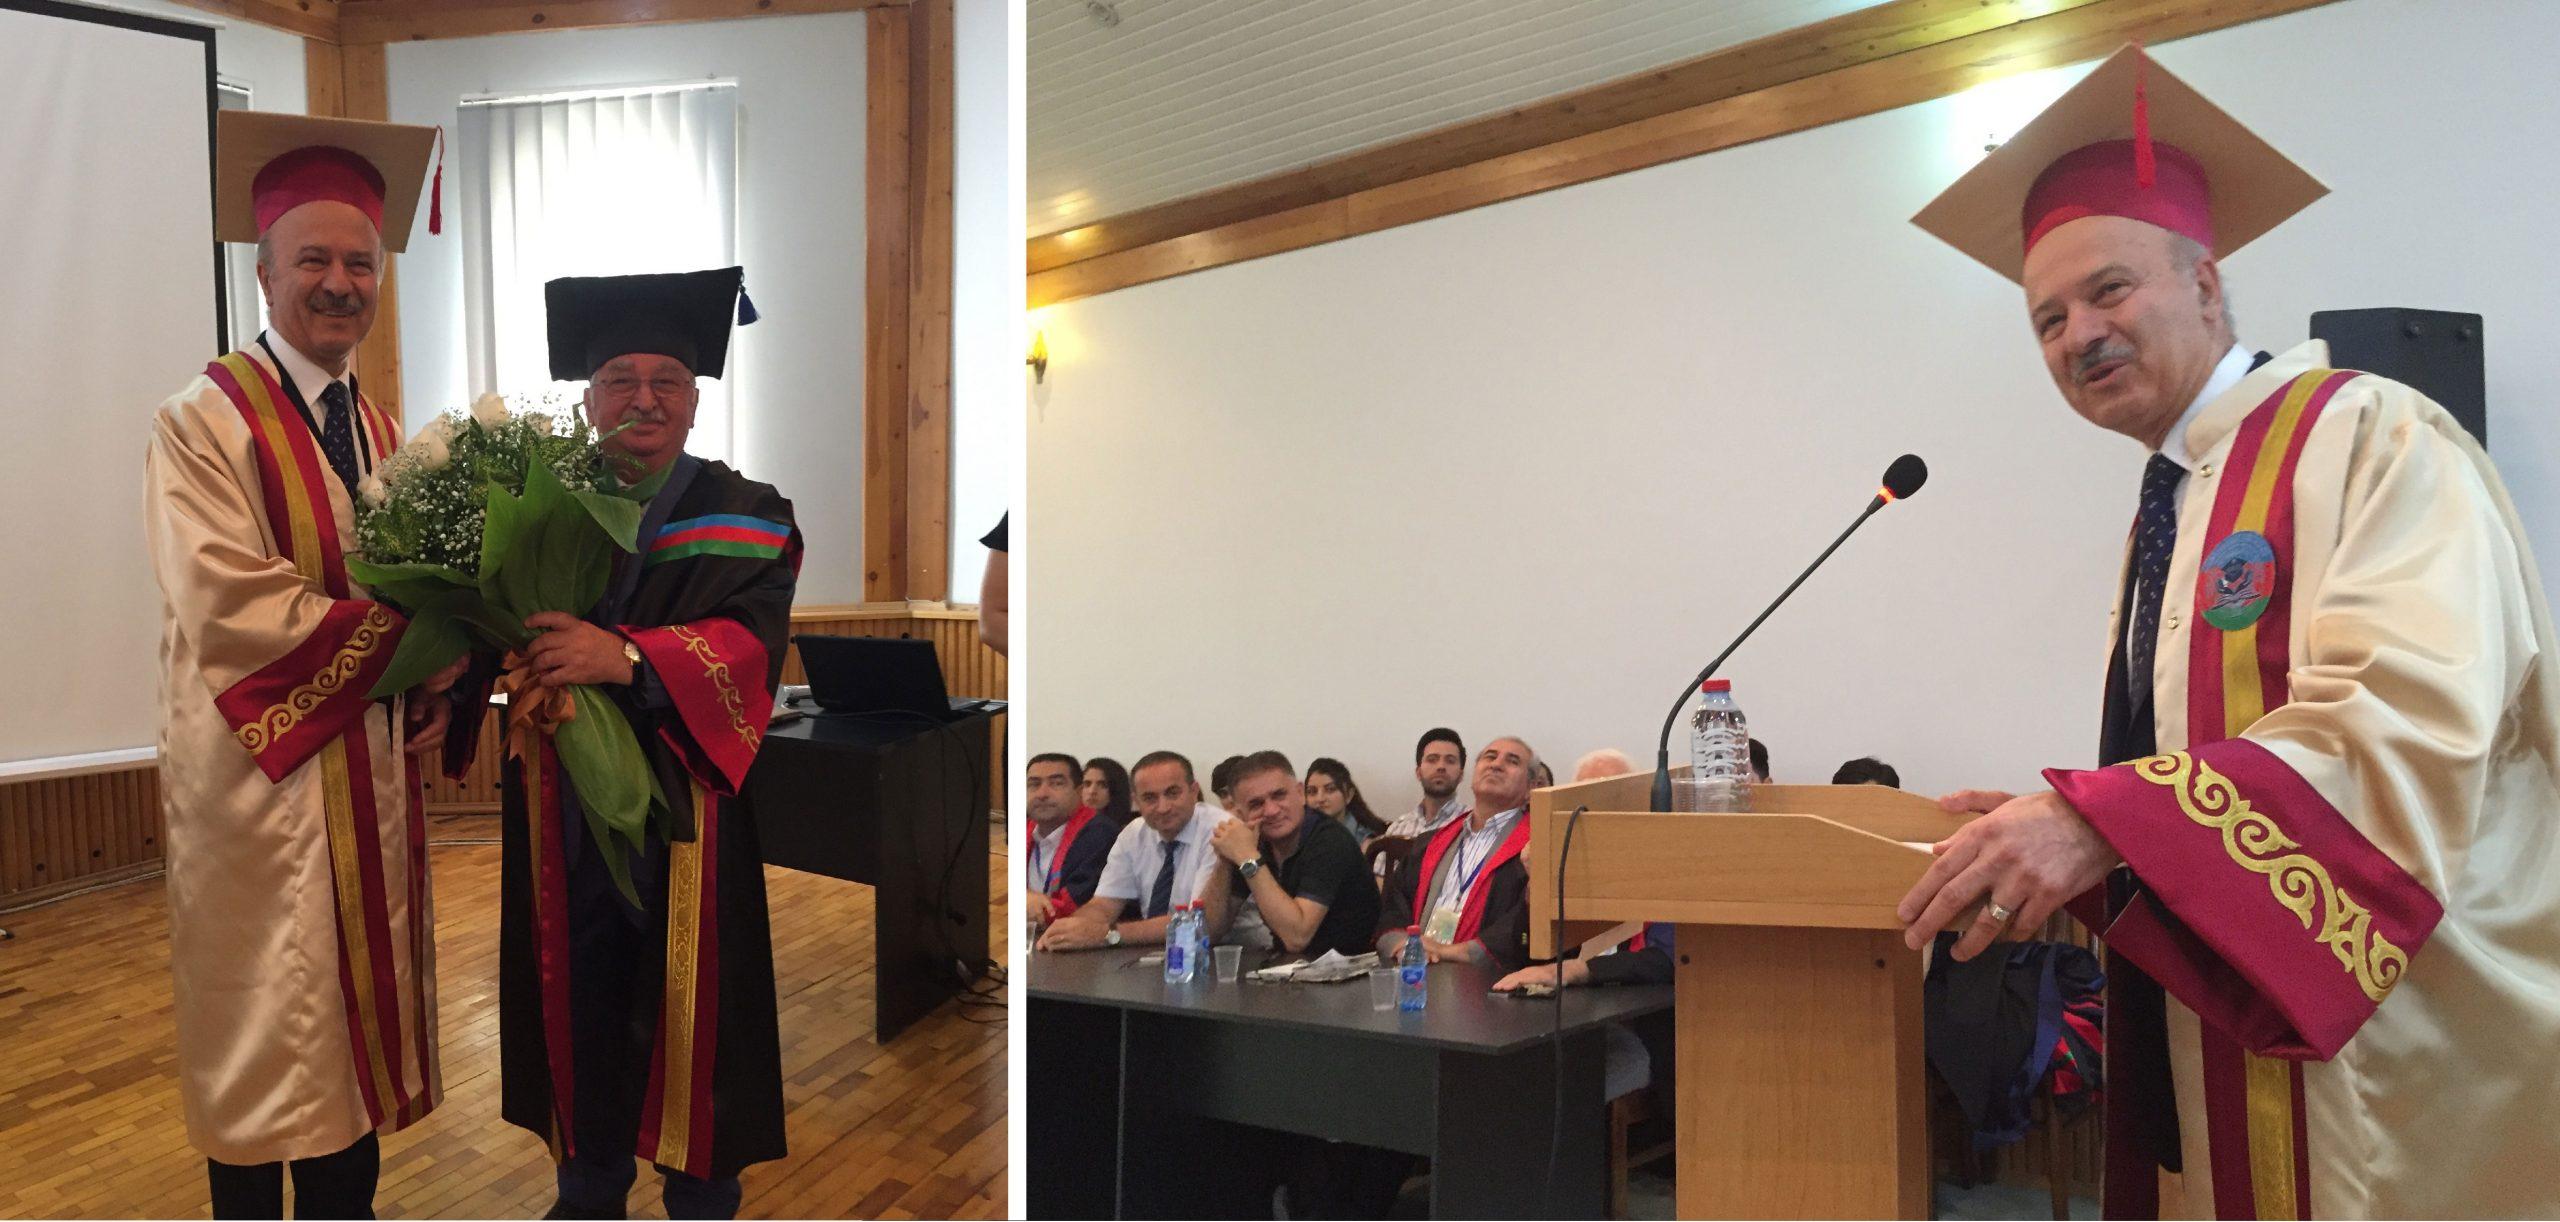 اهدای دکترای افتخاری از طرف دانشگاه «ادلار یوردی» جمهوری آذربایجان و سخنان دکتر مریدی به این مناسبت